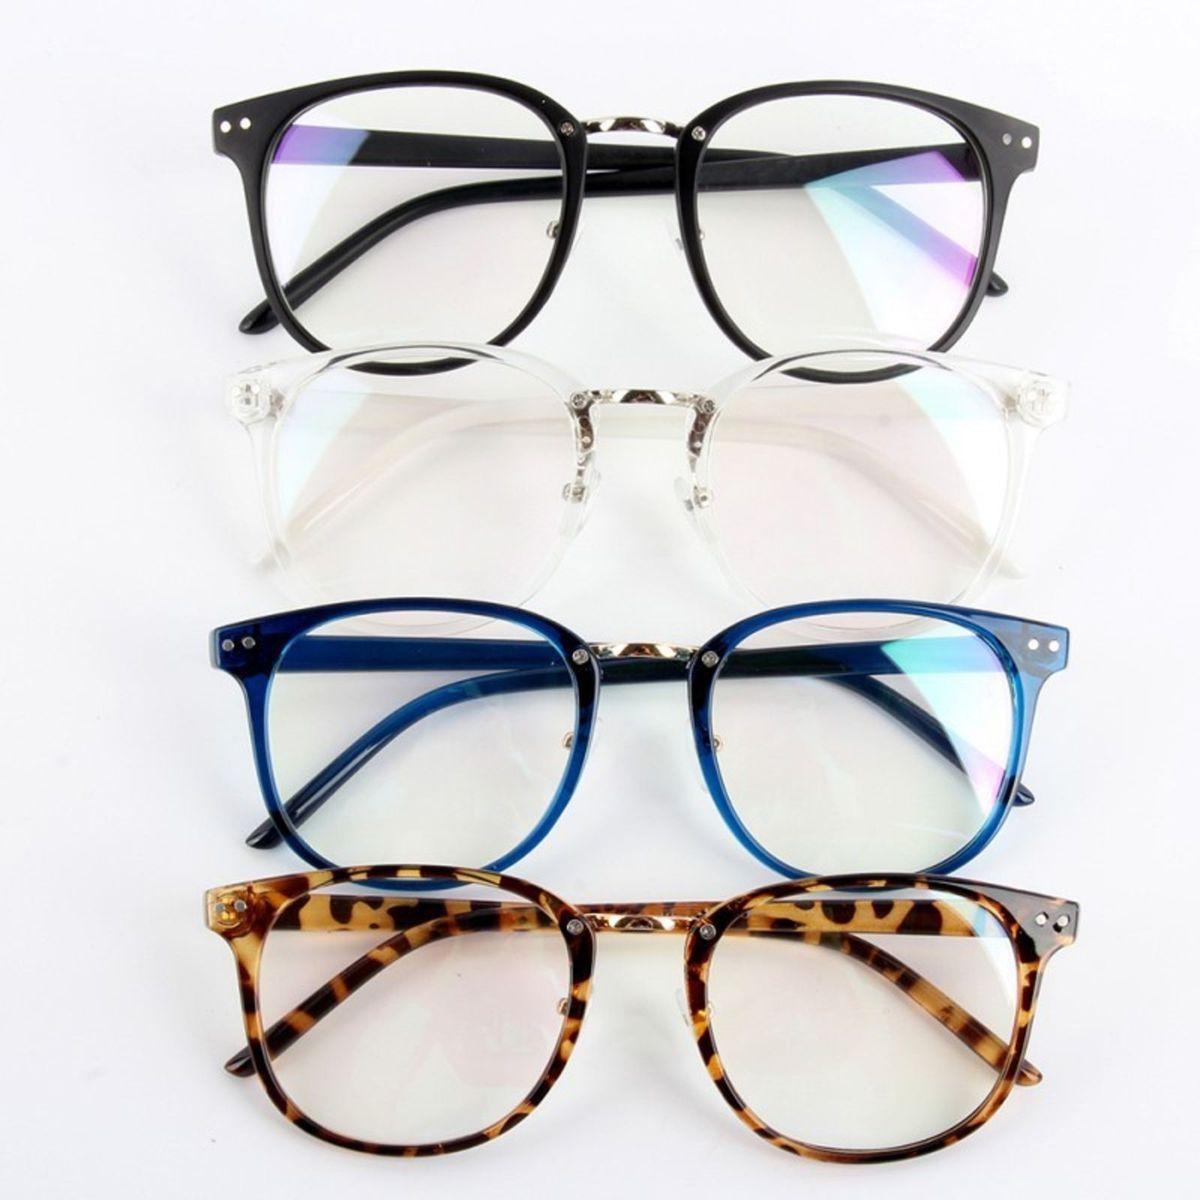 b60eb4e227323 Armação Quadrada Preto Fosco, Transparente, Azul e Tartaruga.   Óculos  Feminino Nunca Usado 21350831   enjoei